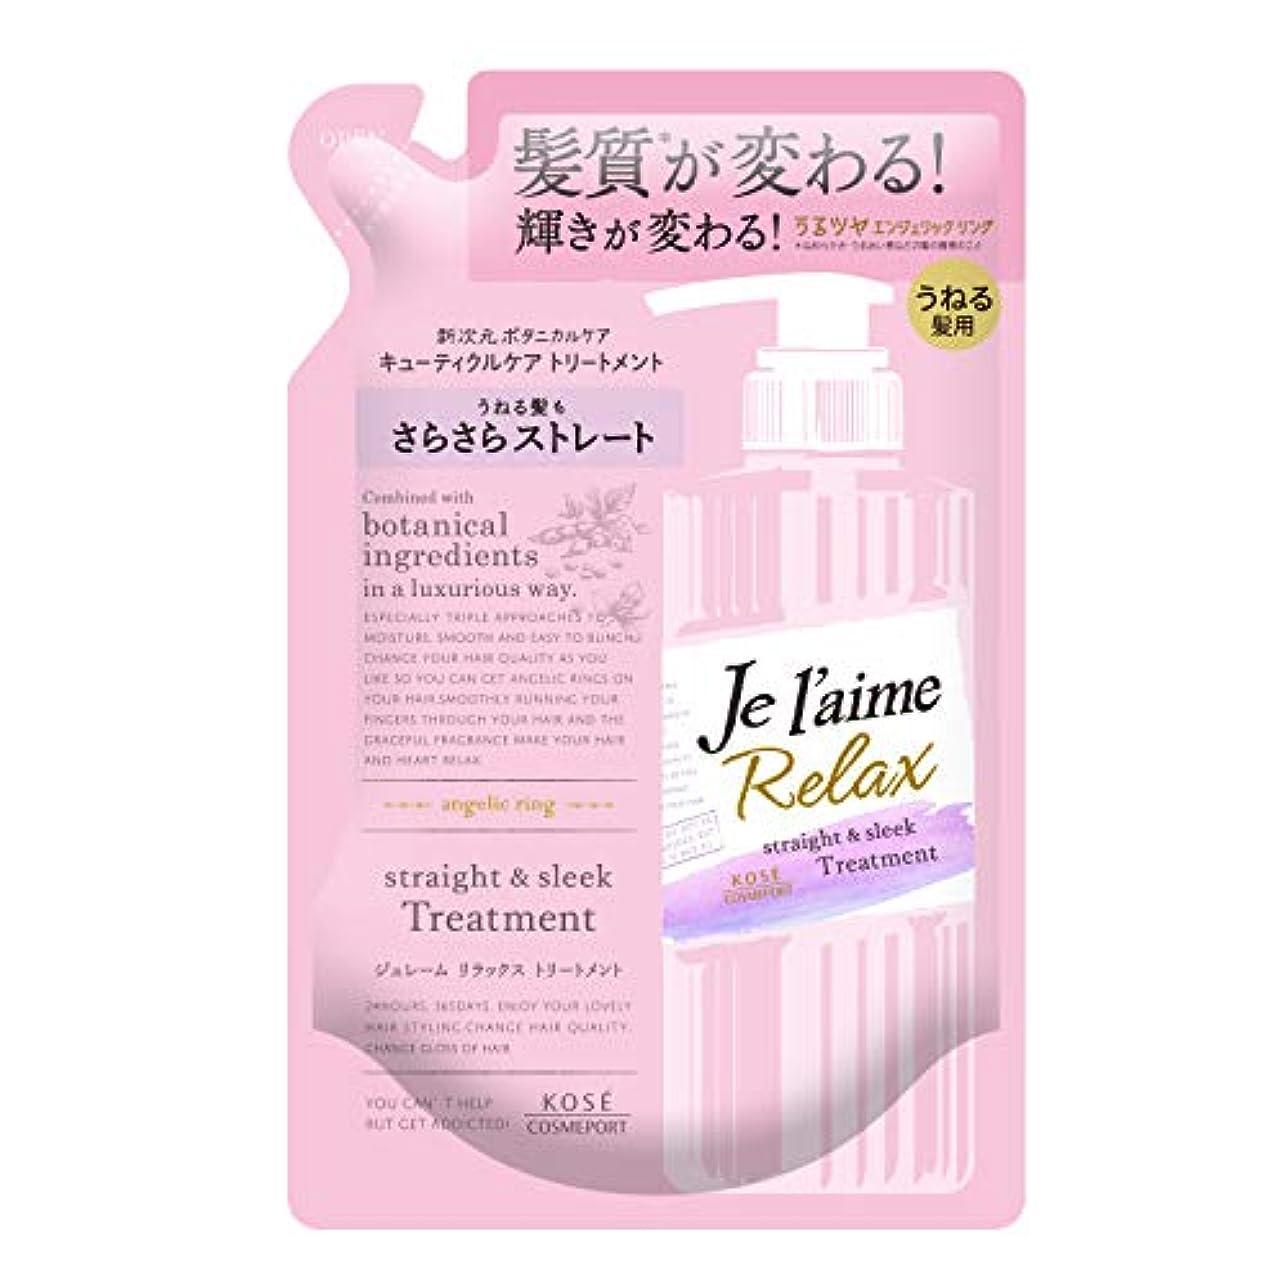 誠実さアイザックピンポイントKOSE ジュレーム リラックス トリートメント(ストレート&スリーク)つめかえ うねる髪用 360mL